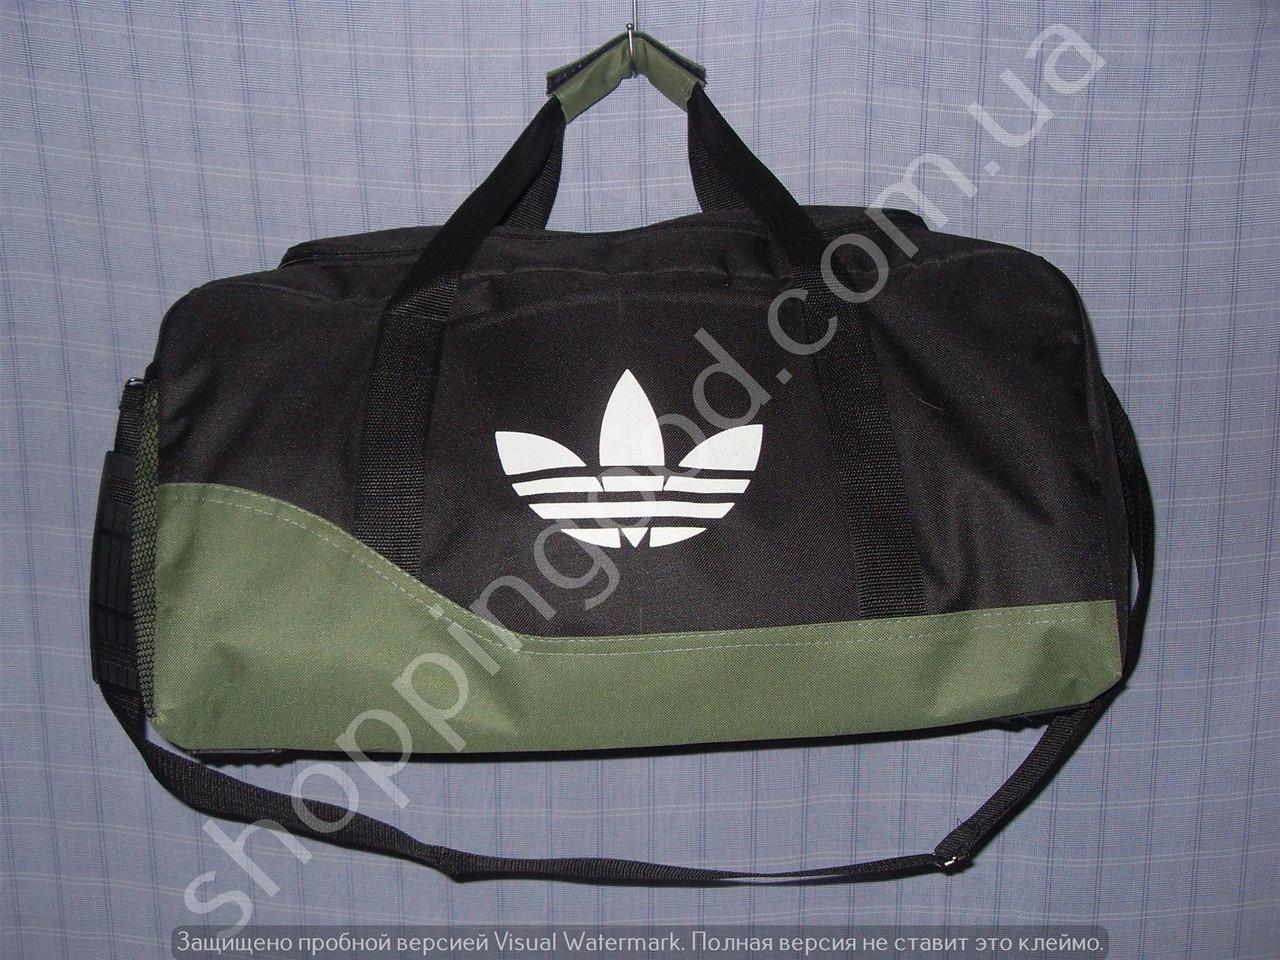 b909537ae563 Дорожная сумка Adidas 013606 малая (45х24х20, см) черная с зеленым  спортивная багажная текстиль